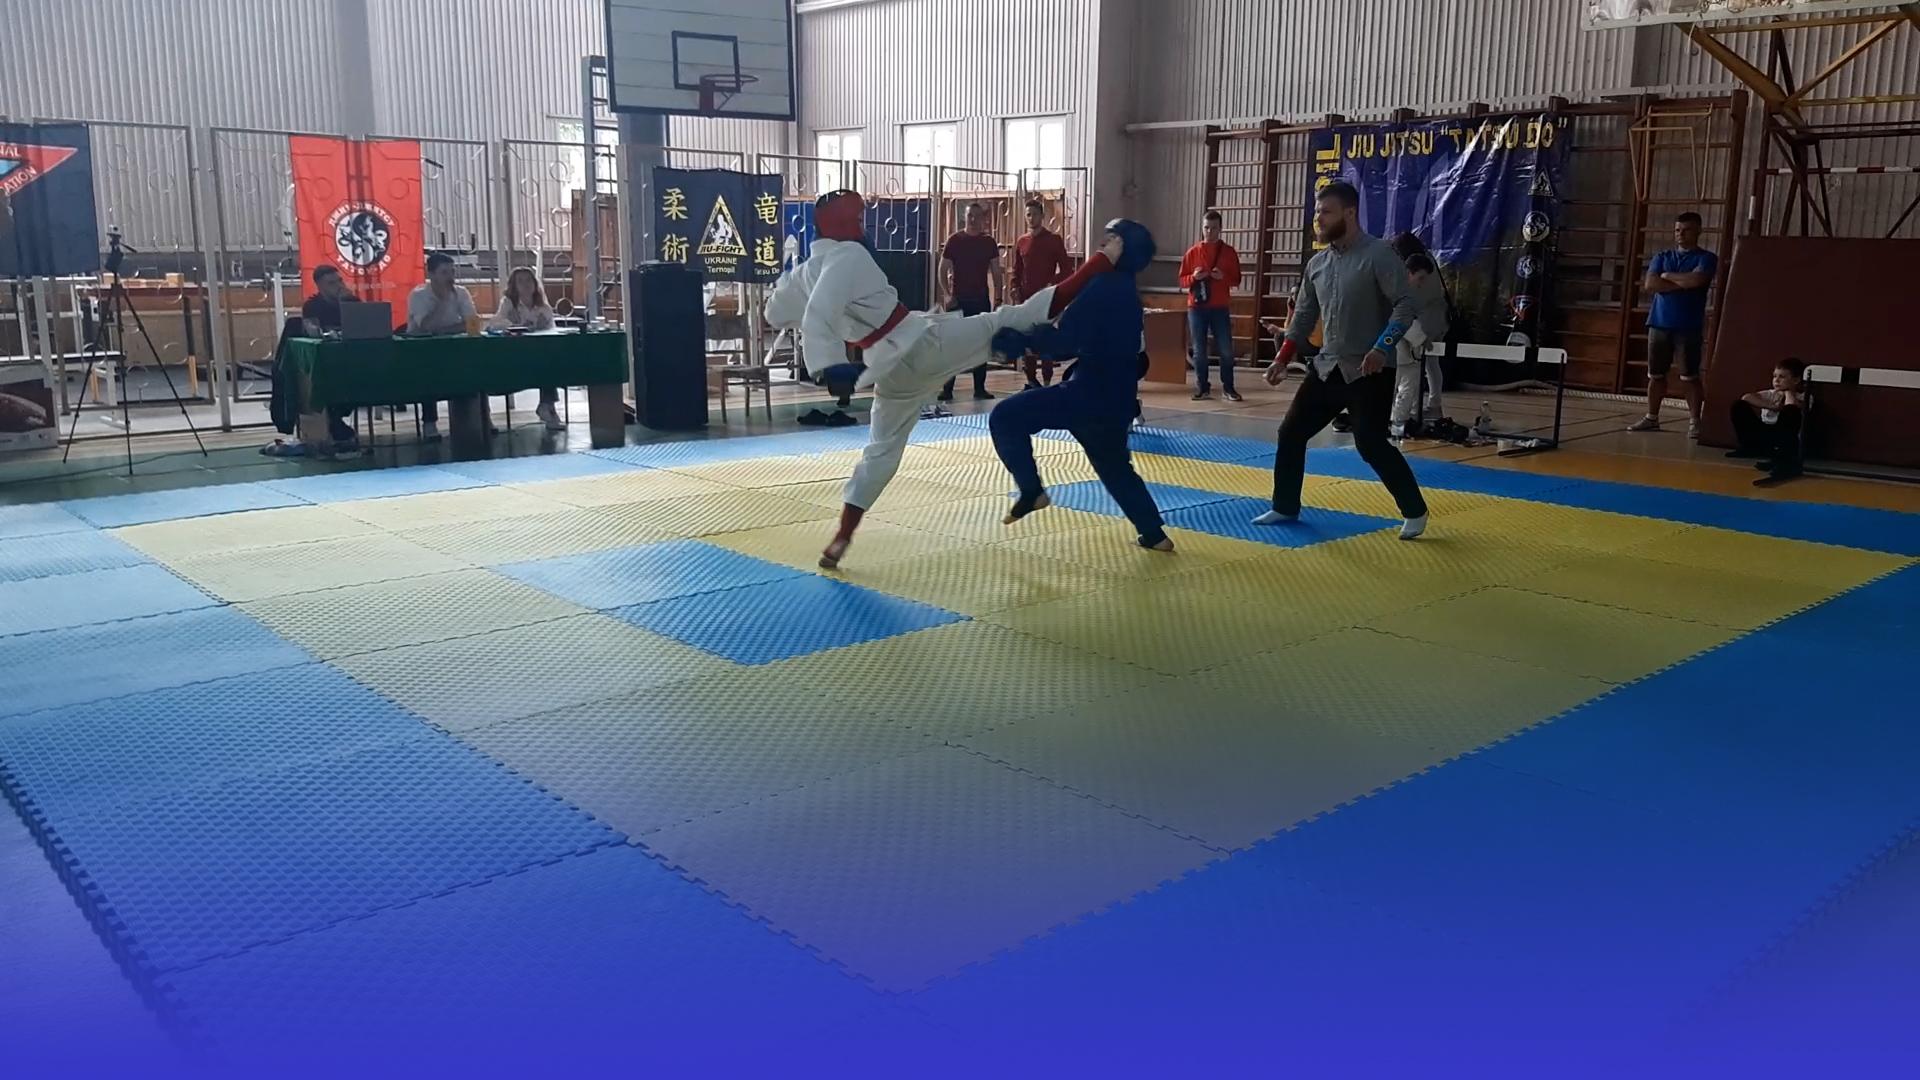 Понад 200 учасників боролись за перемогу на перших Всеукраїнських змаганнях із джиу-джитсу в Тернополі